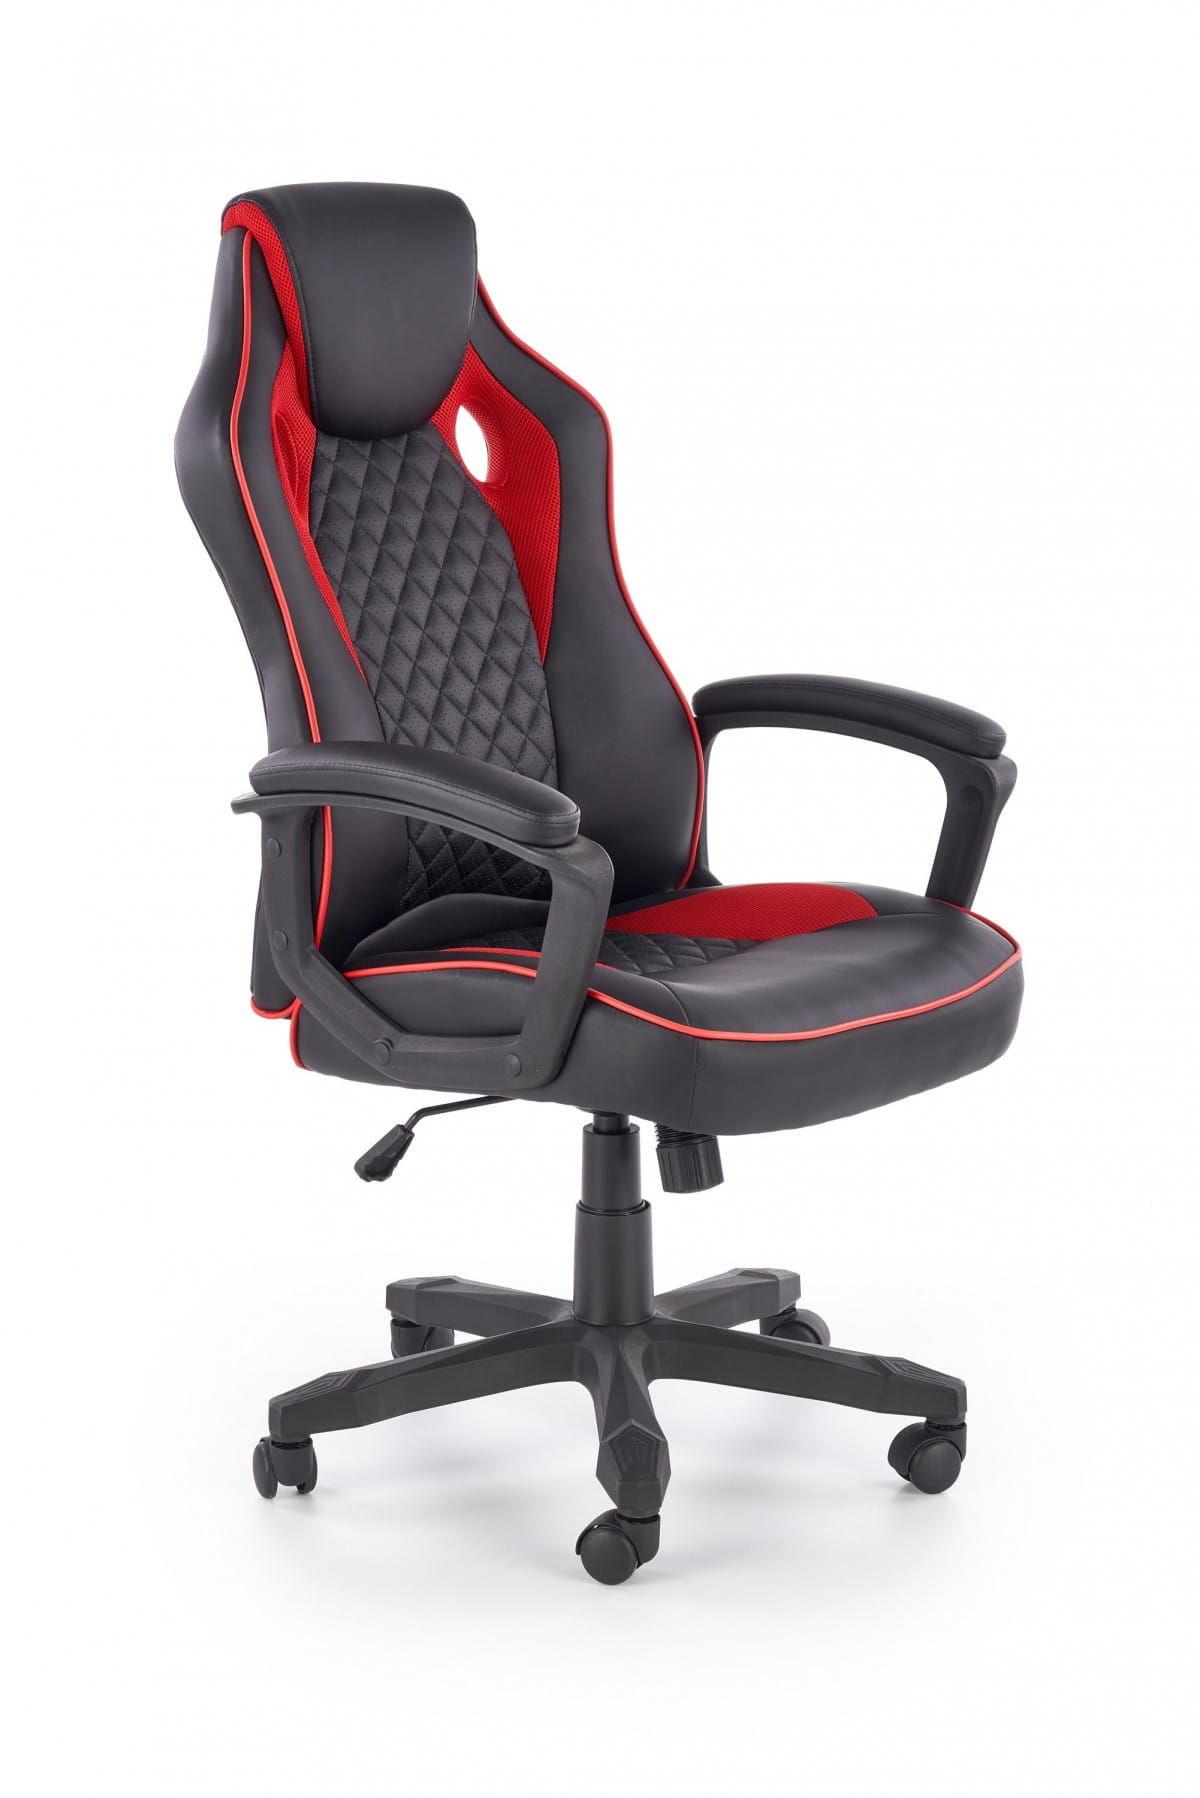 fotel gamingowy Halmar BAFFIN czarny czerwony